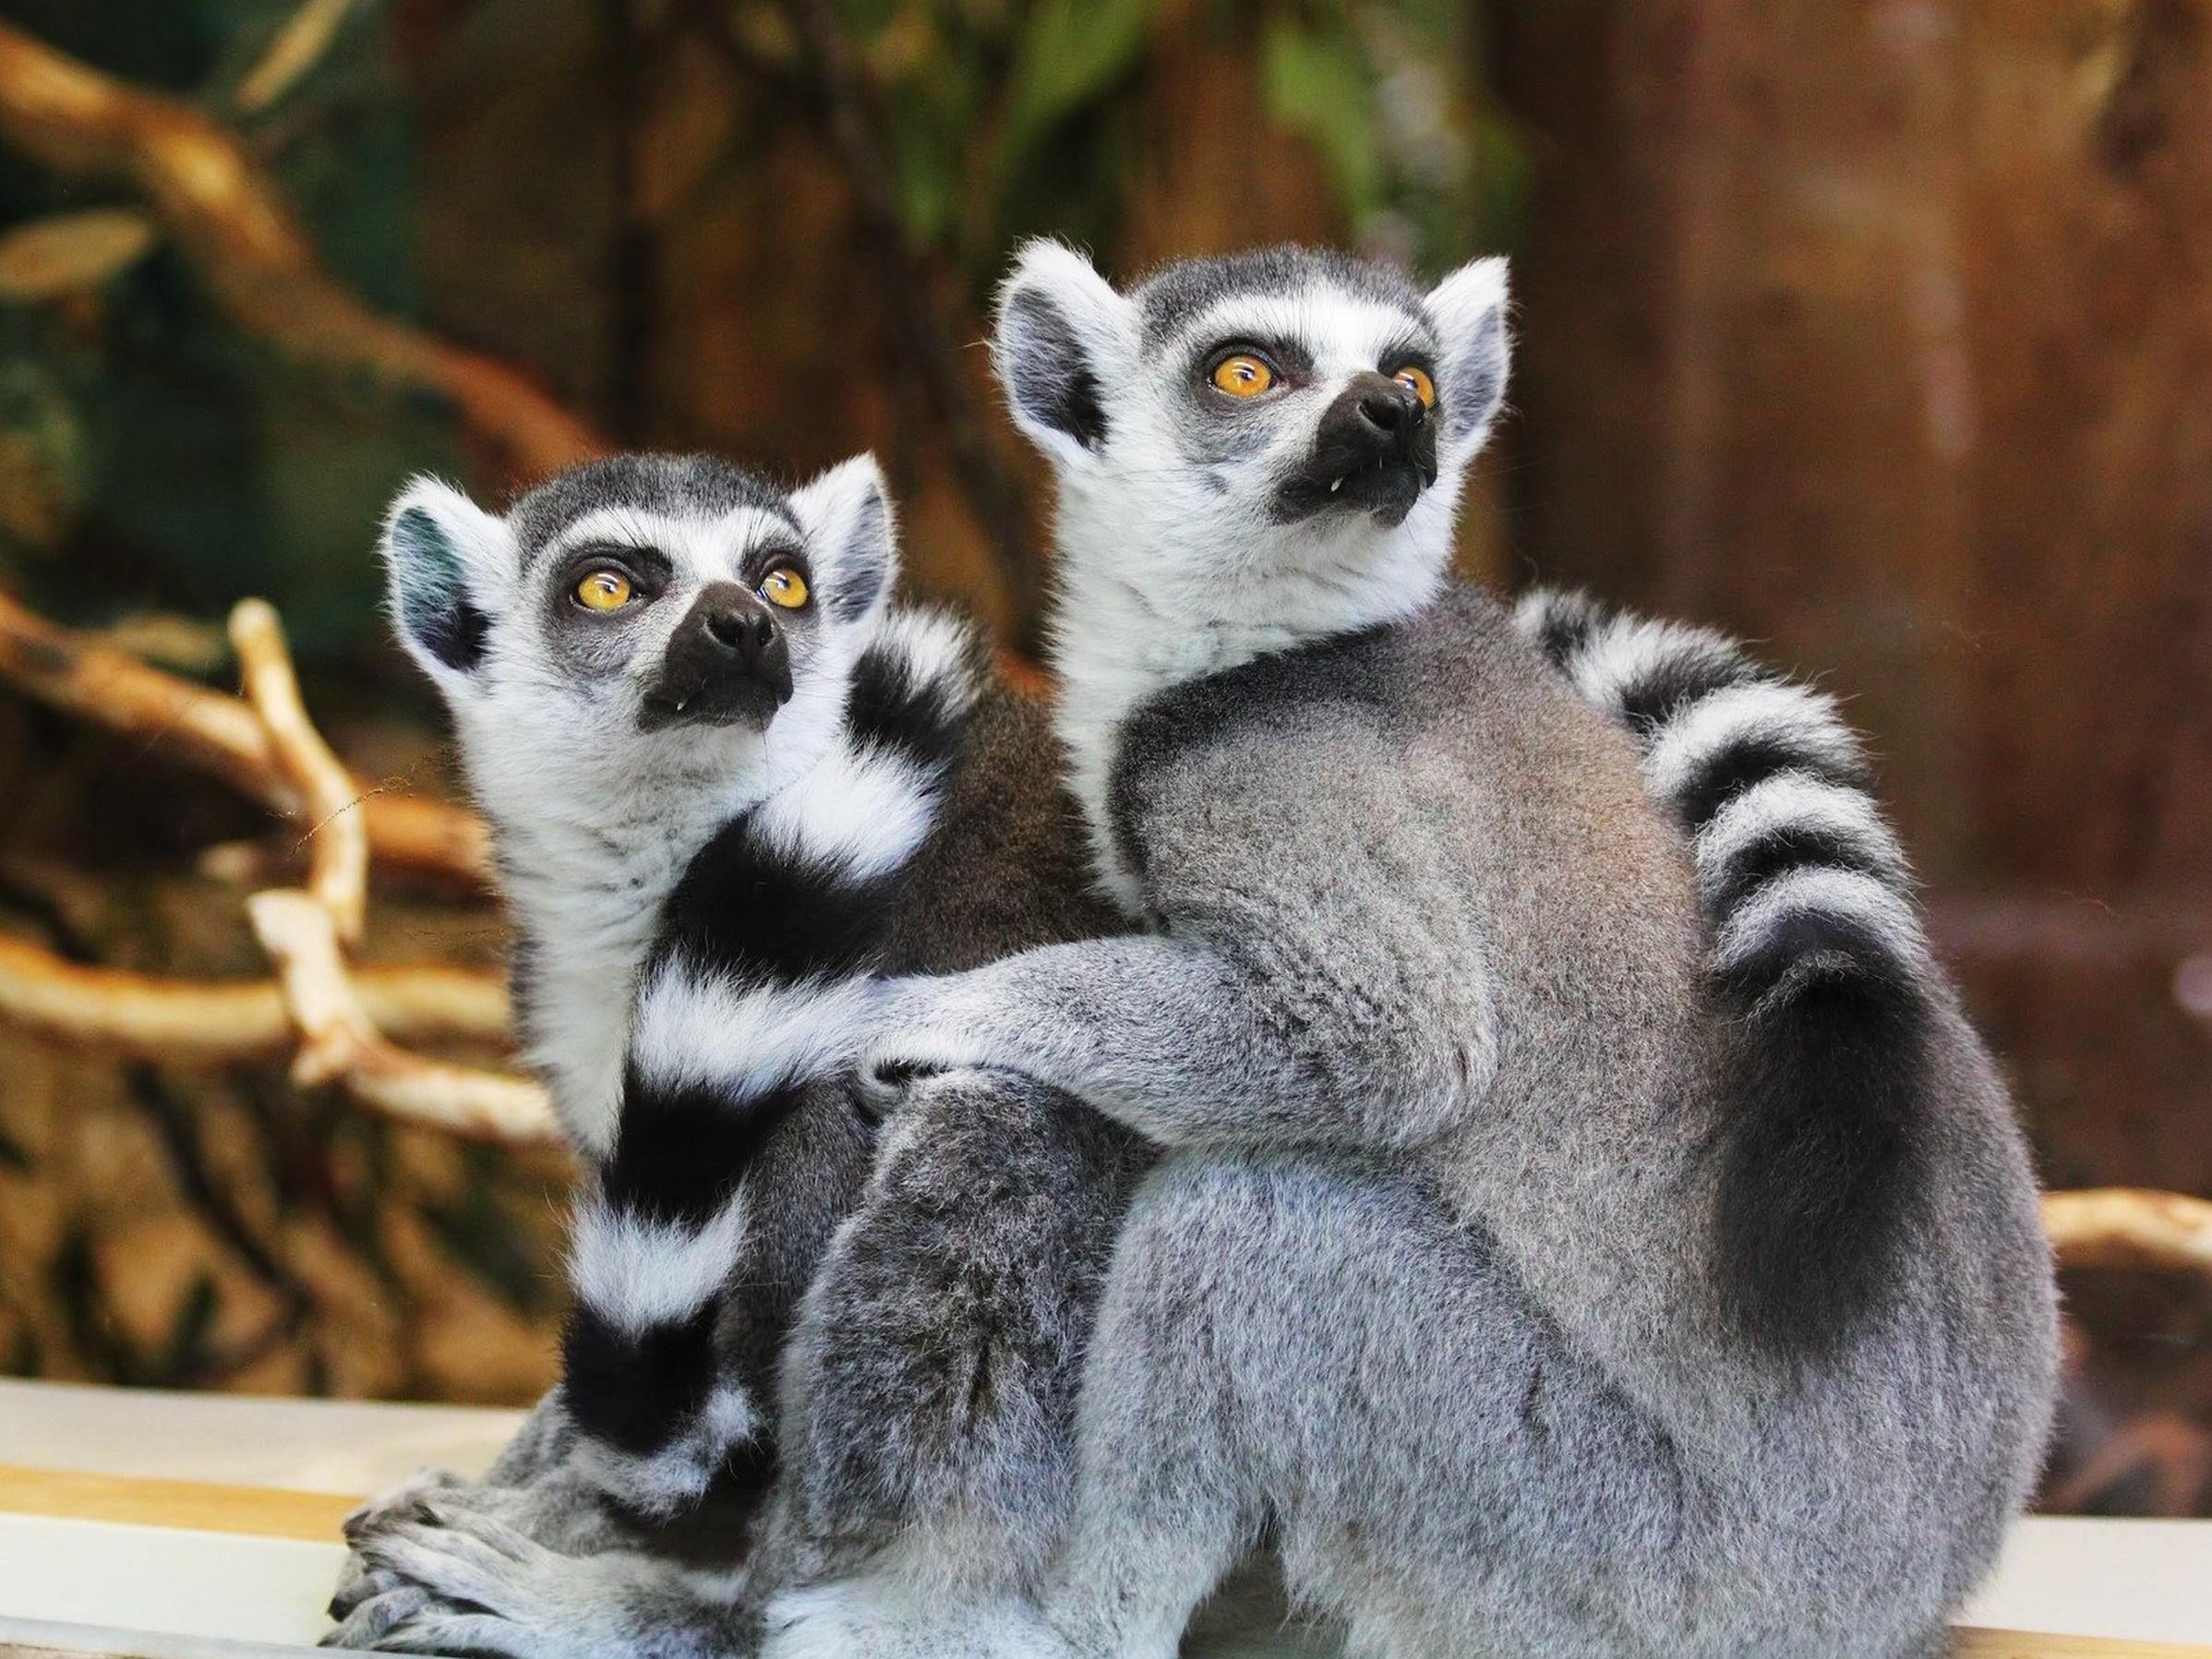 Tierwelt Zoologie Tiere Tiere Mit A Z Am Ende Tier Mit W Am Ende Tiere Zoologie Ausgestopftes Tier